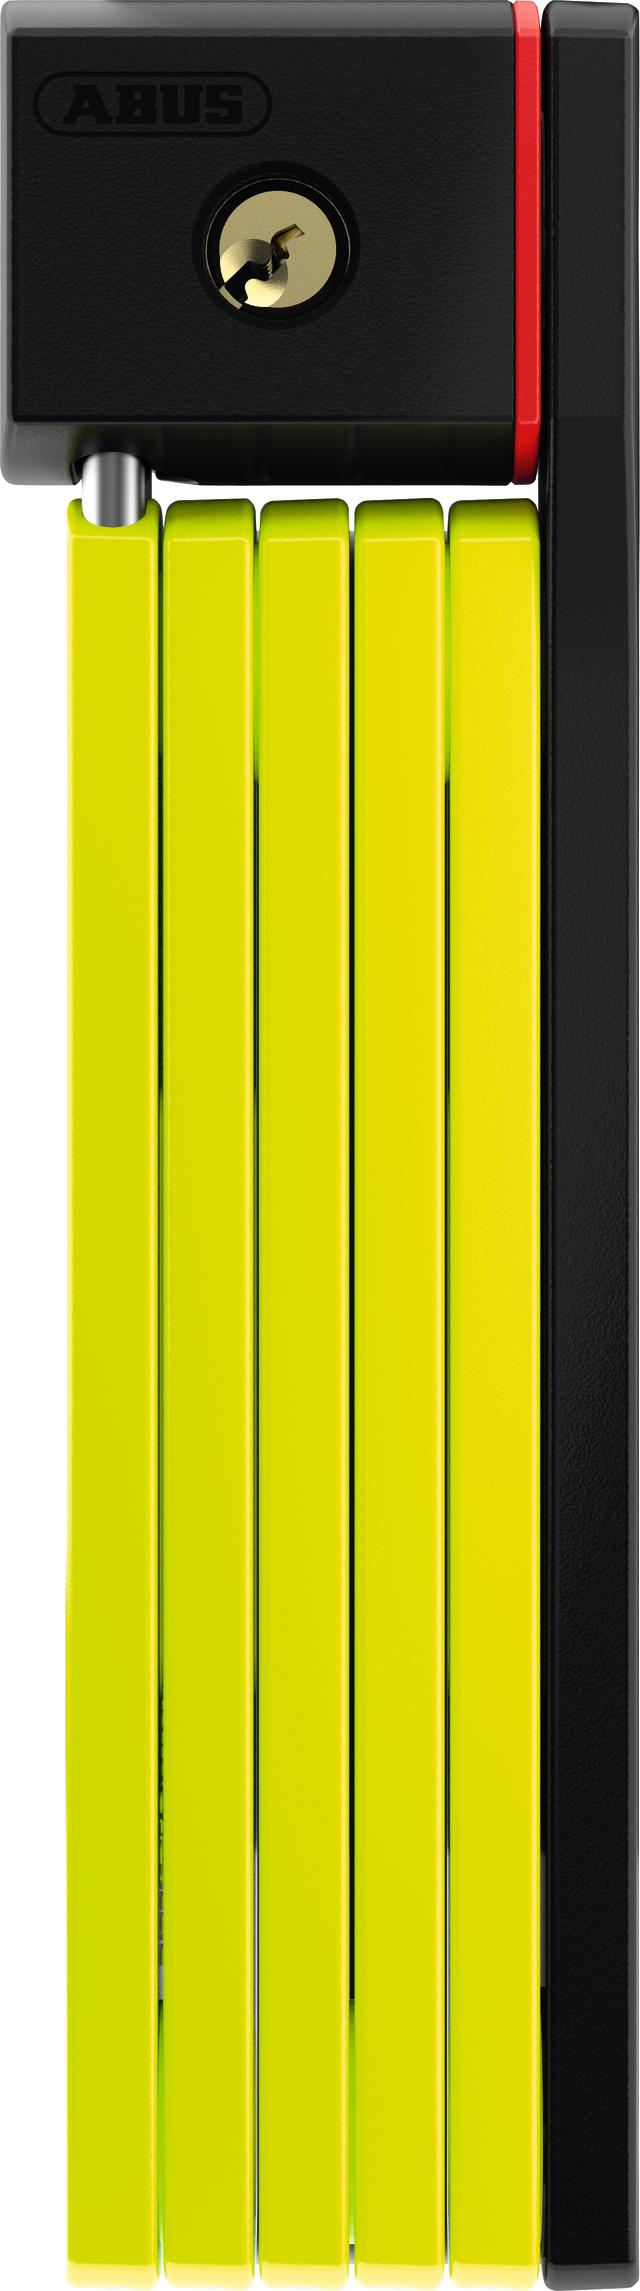 Vikbart lås 5700/80 ljusgrön SH